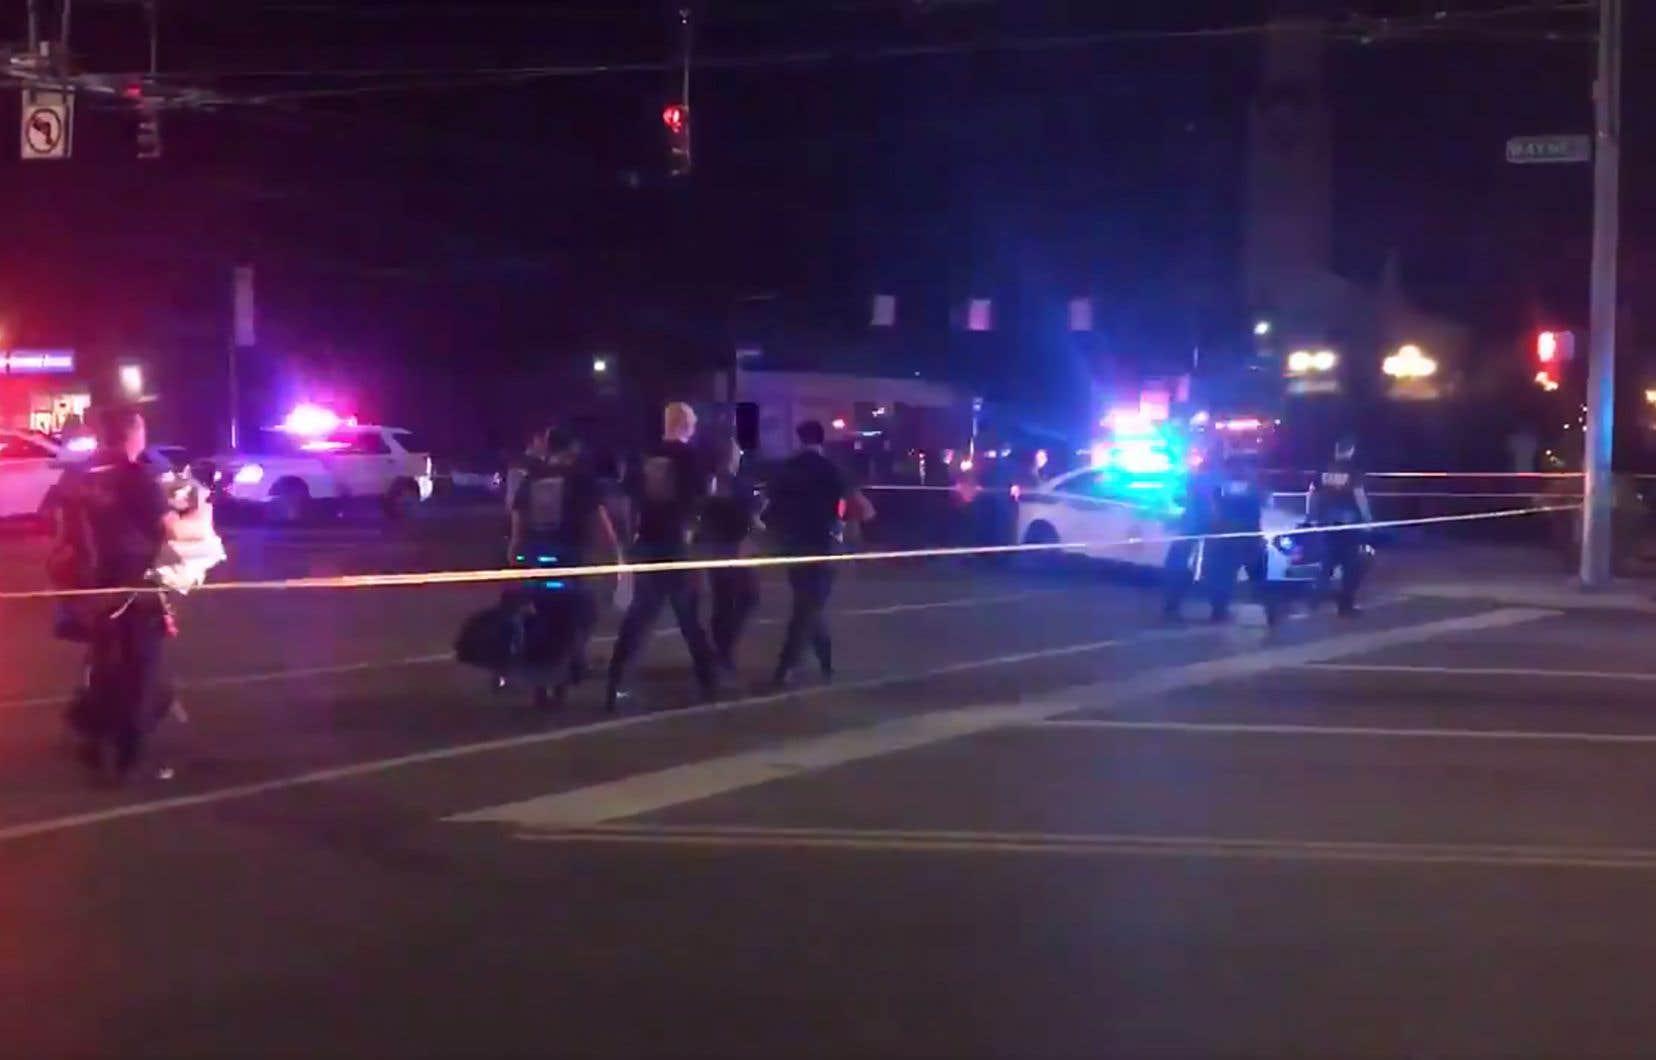 La fusillade s'est produite un peu après 1h00 du matin dans le quartier animé d'Oregon, habituellement «une zone très sûre du centre-ville» de Dayton.